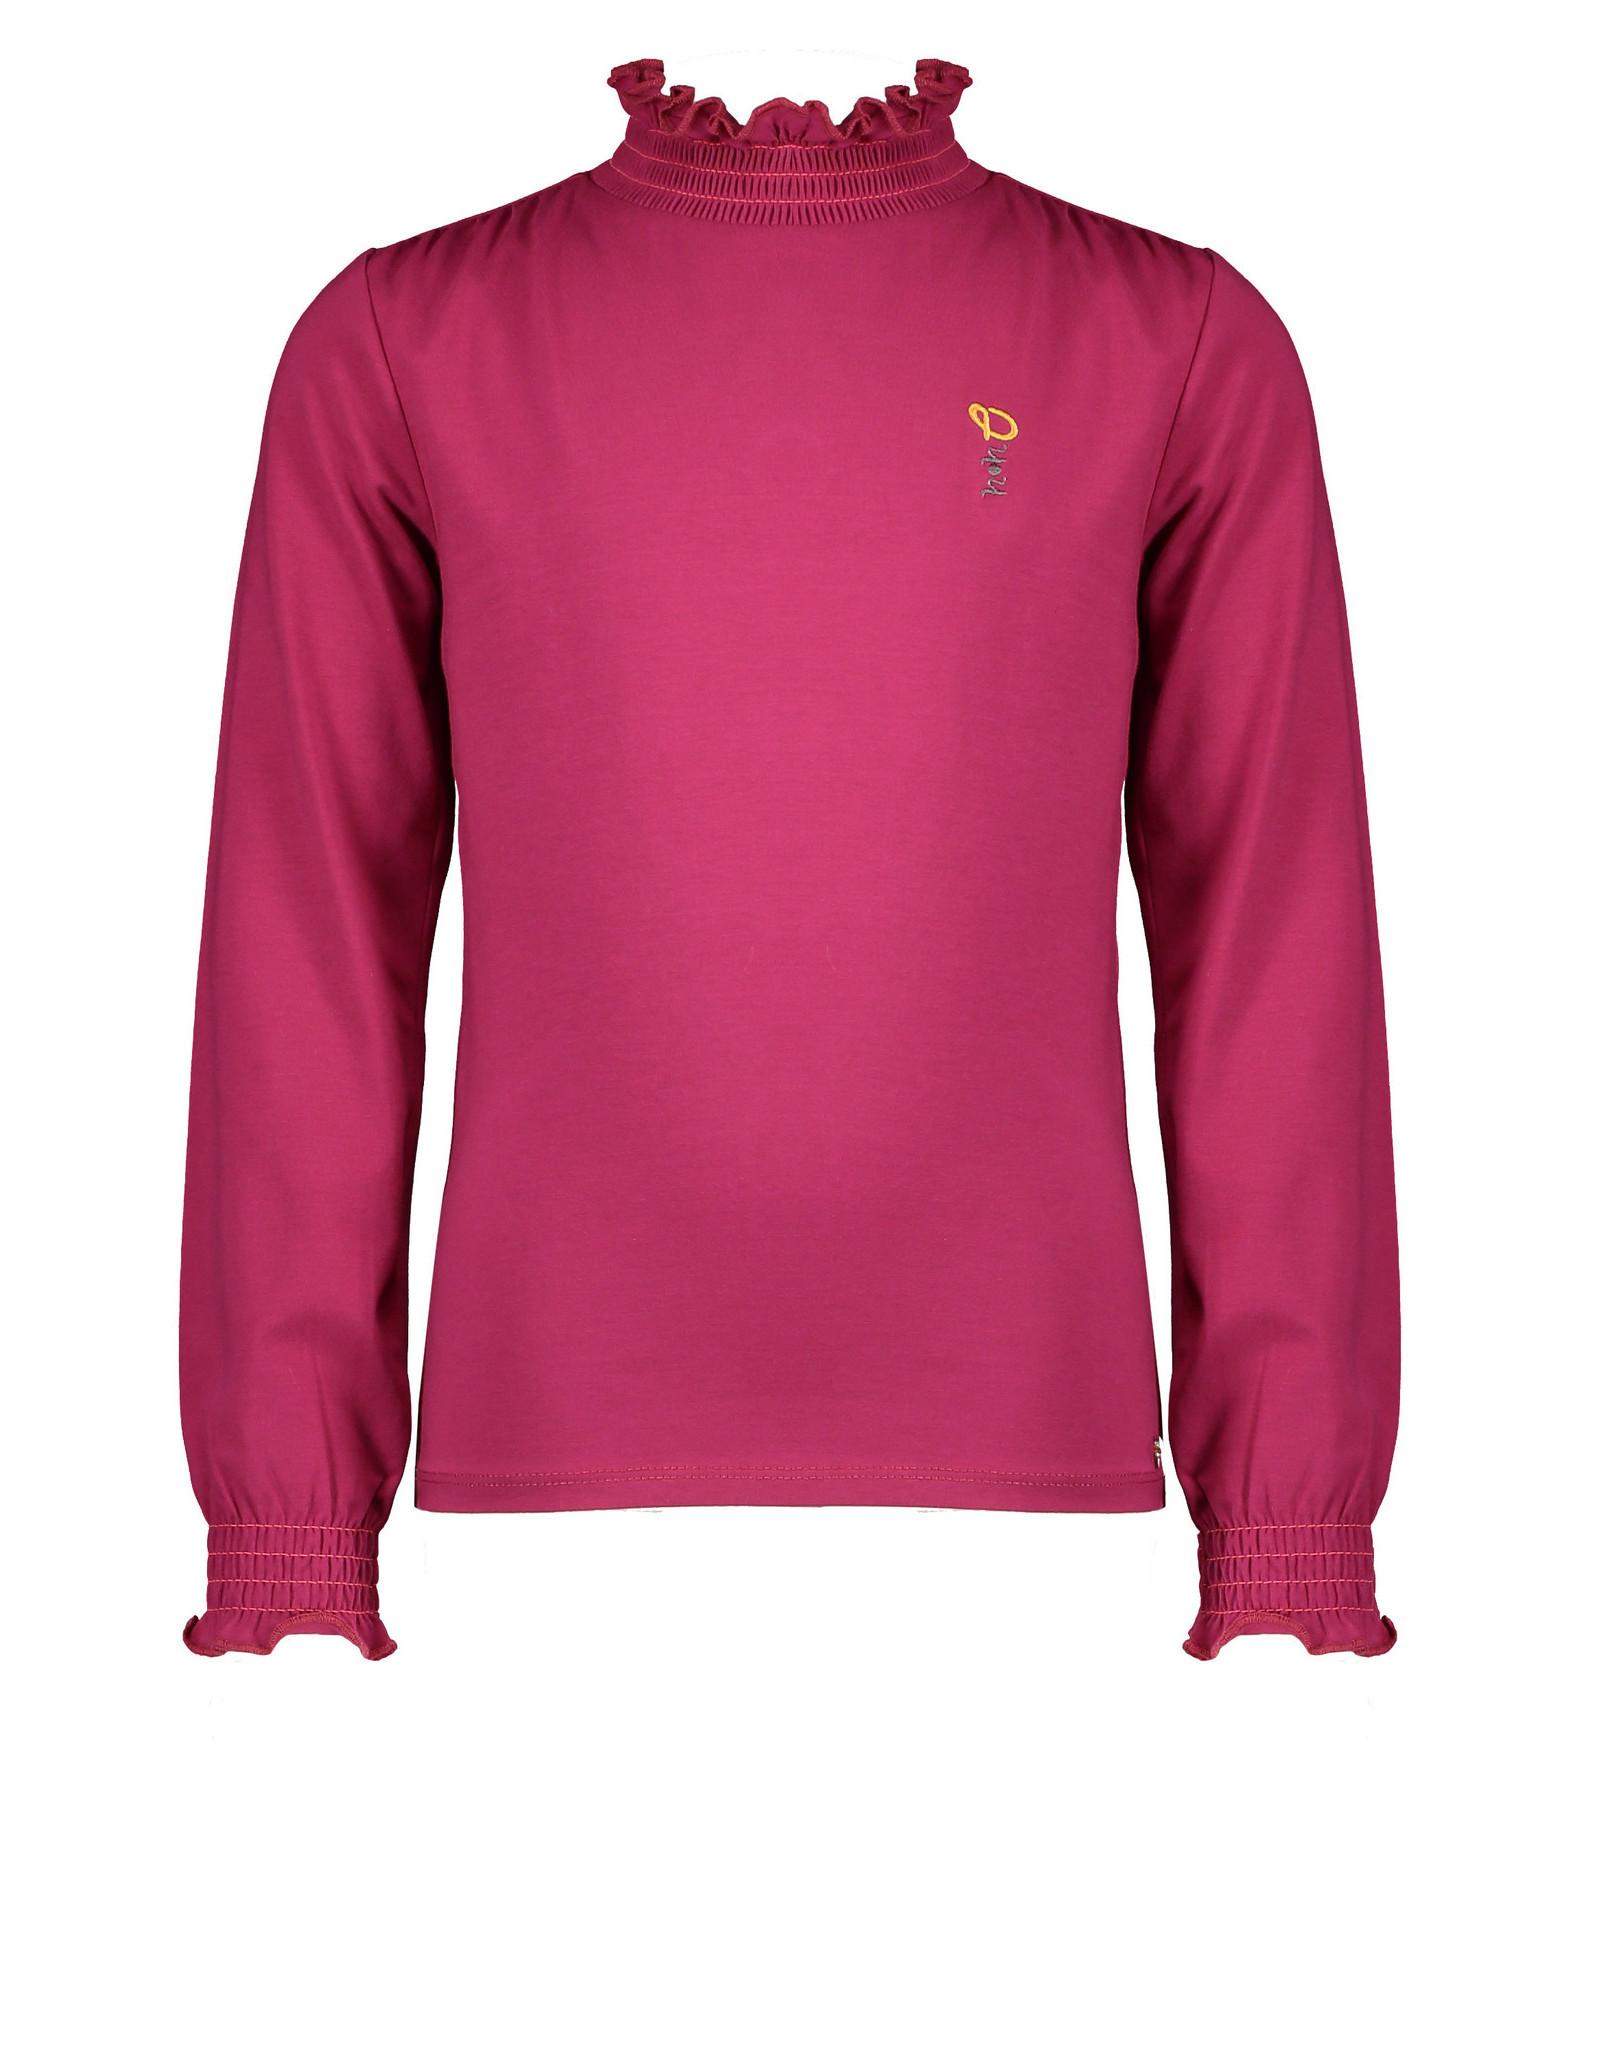 Nono NONO shirt 5400 bougainville